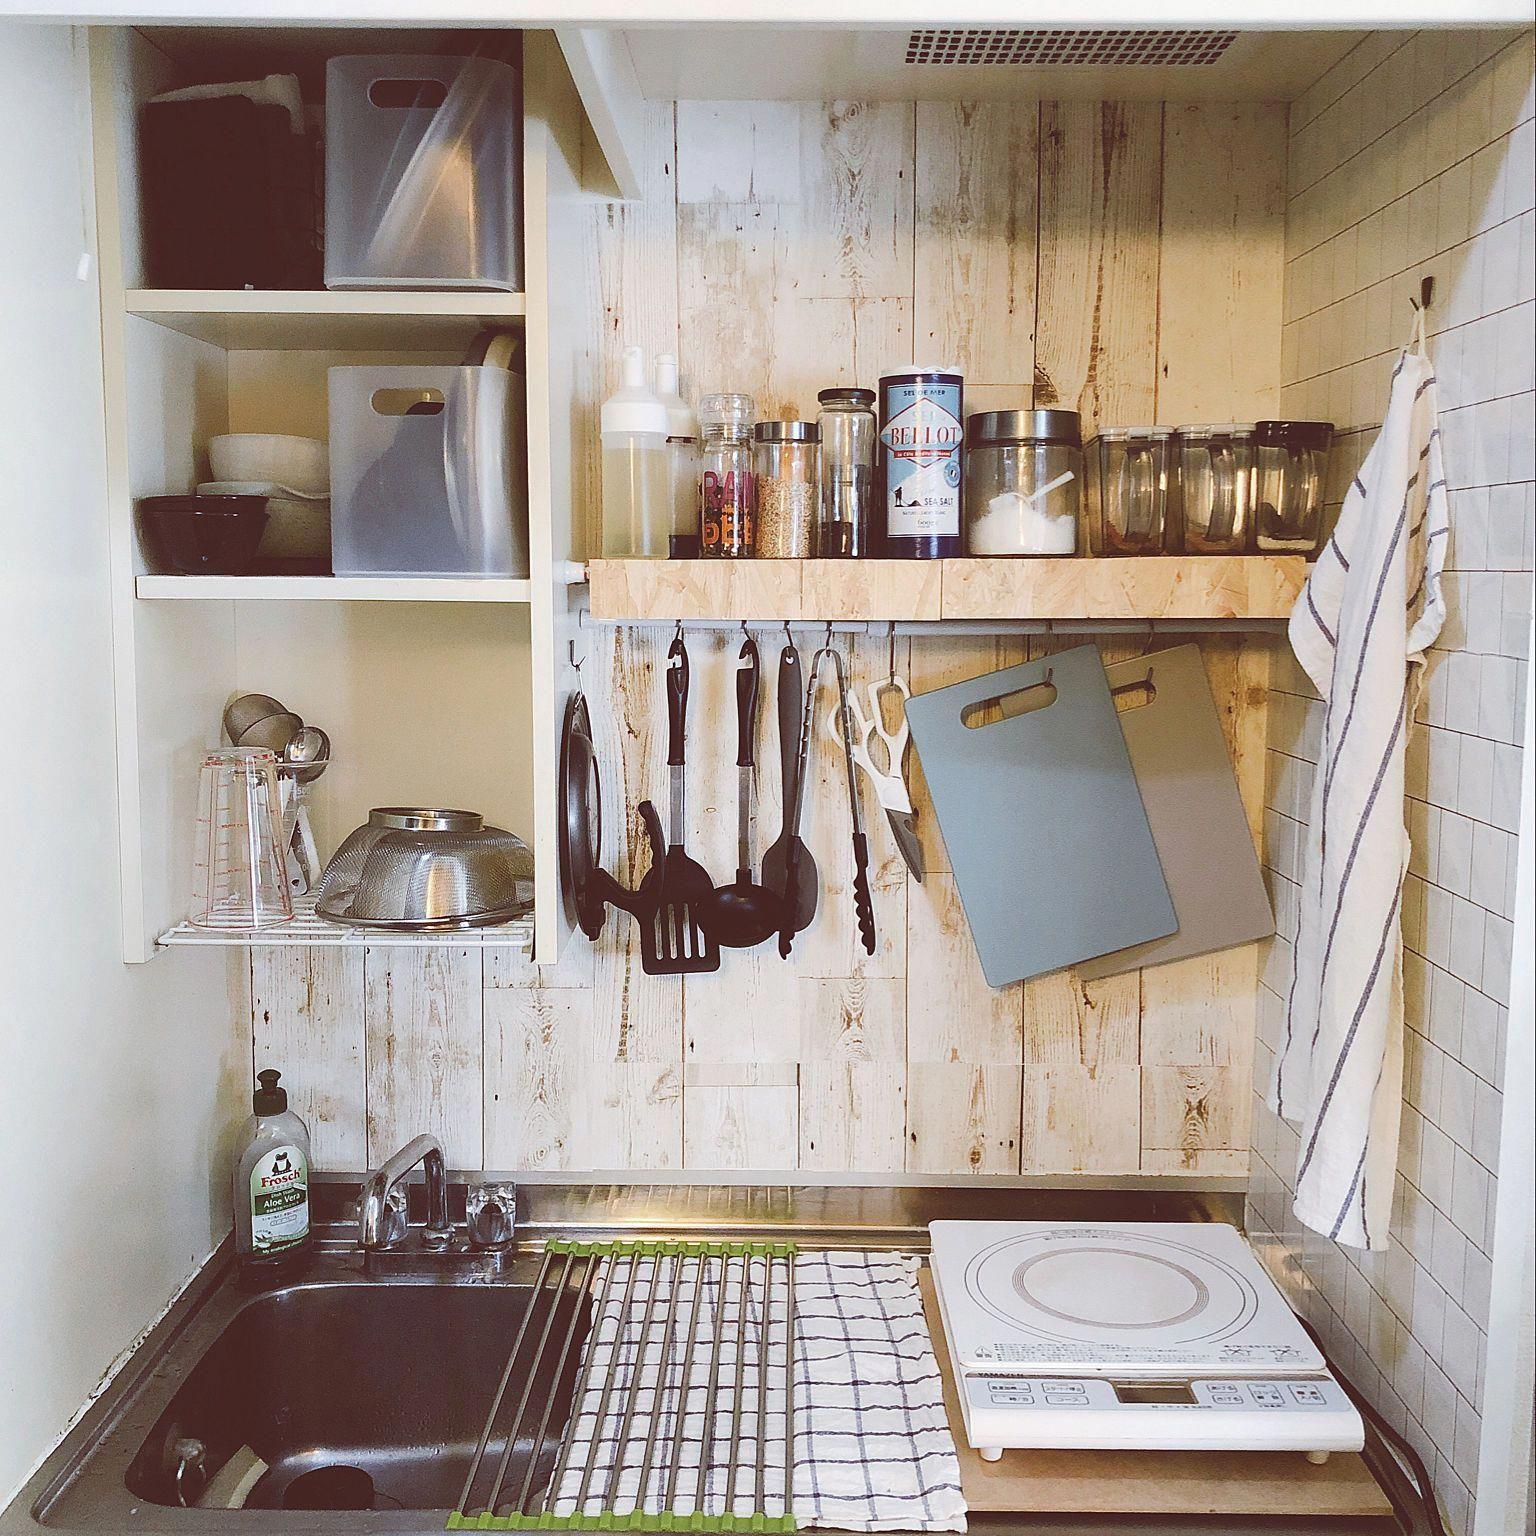 Kitchen ナチュラル Ikea 雑貨 Diy 一人暮らし などのインテリア実例 2018 05 12 09 20 03 Roomclip ルームクリップ Apartmentkitchen 狭いキッチン レイアウト 狭いキッチン 収納 インテリア 収納